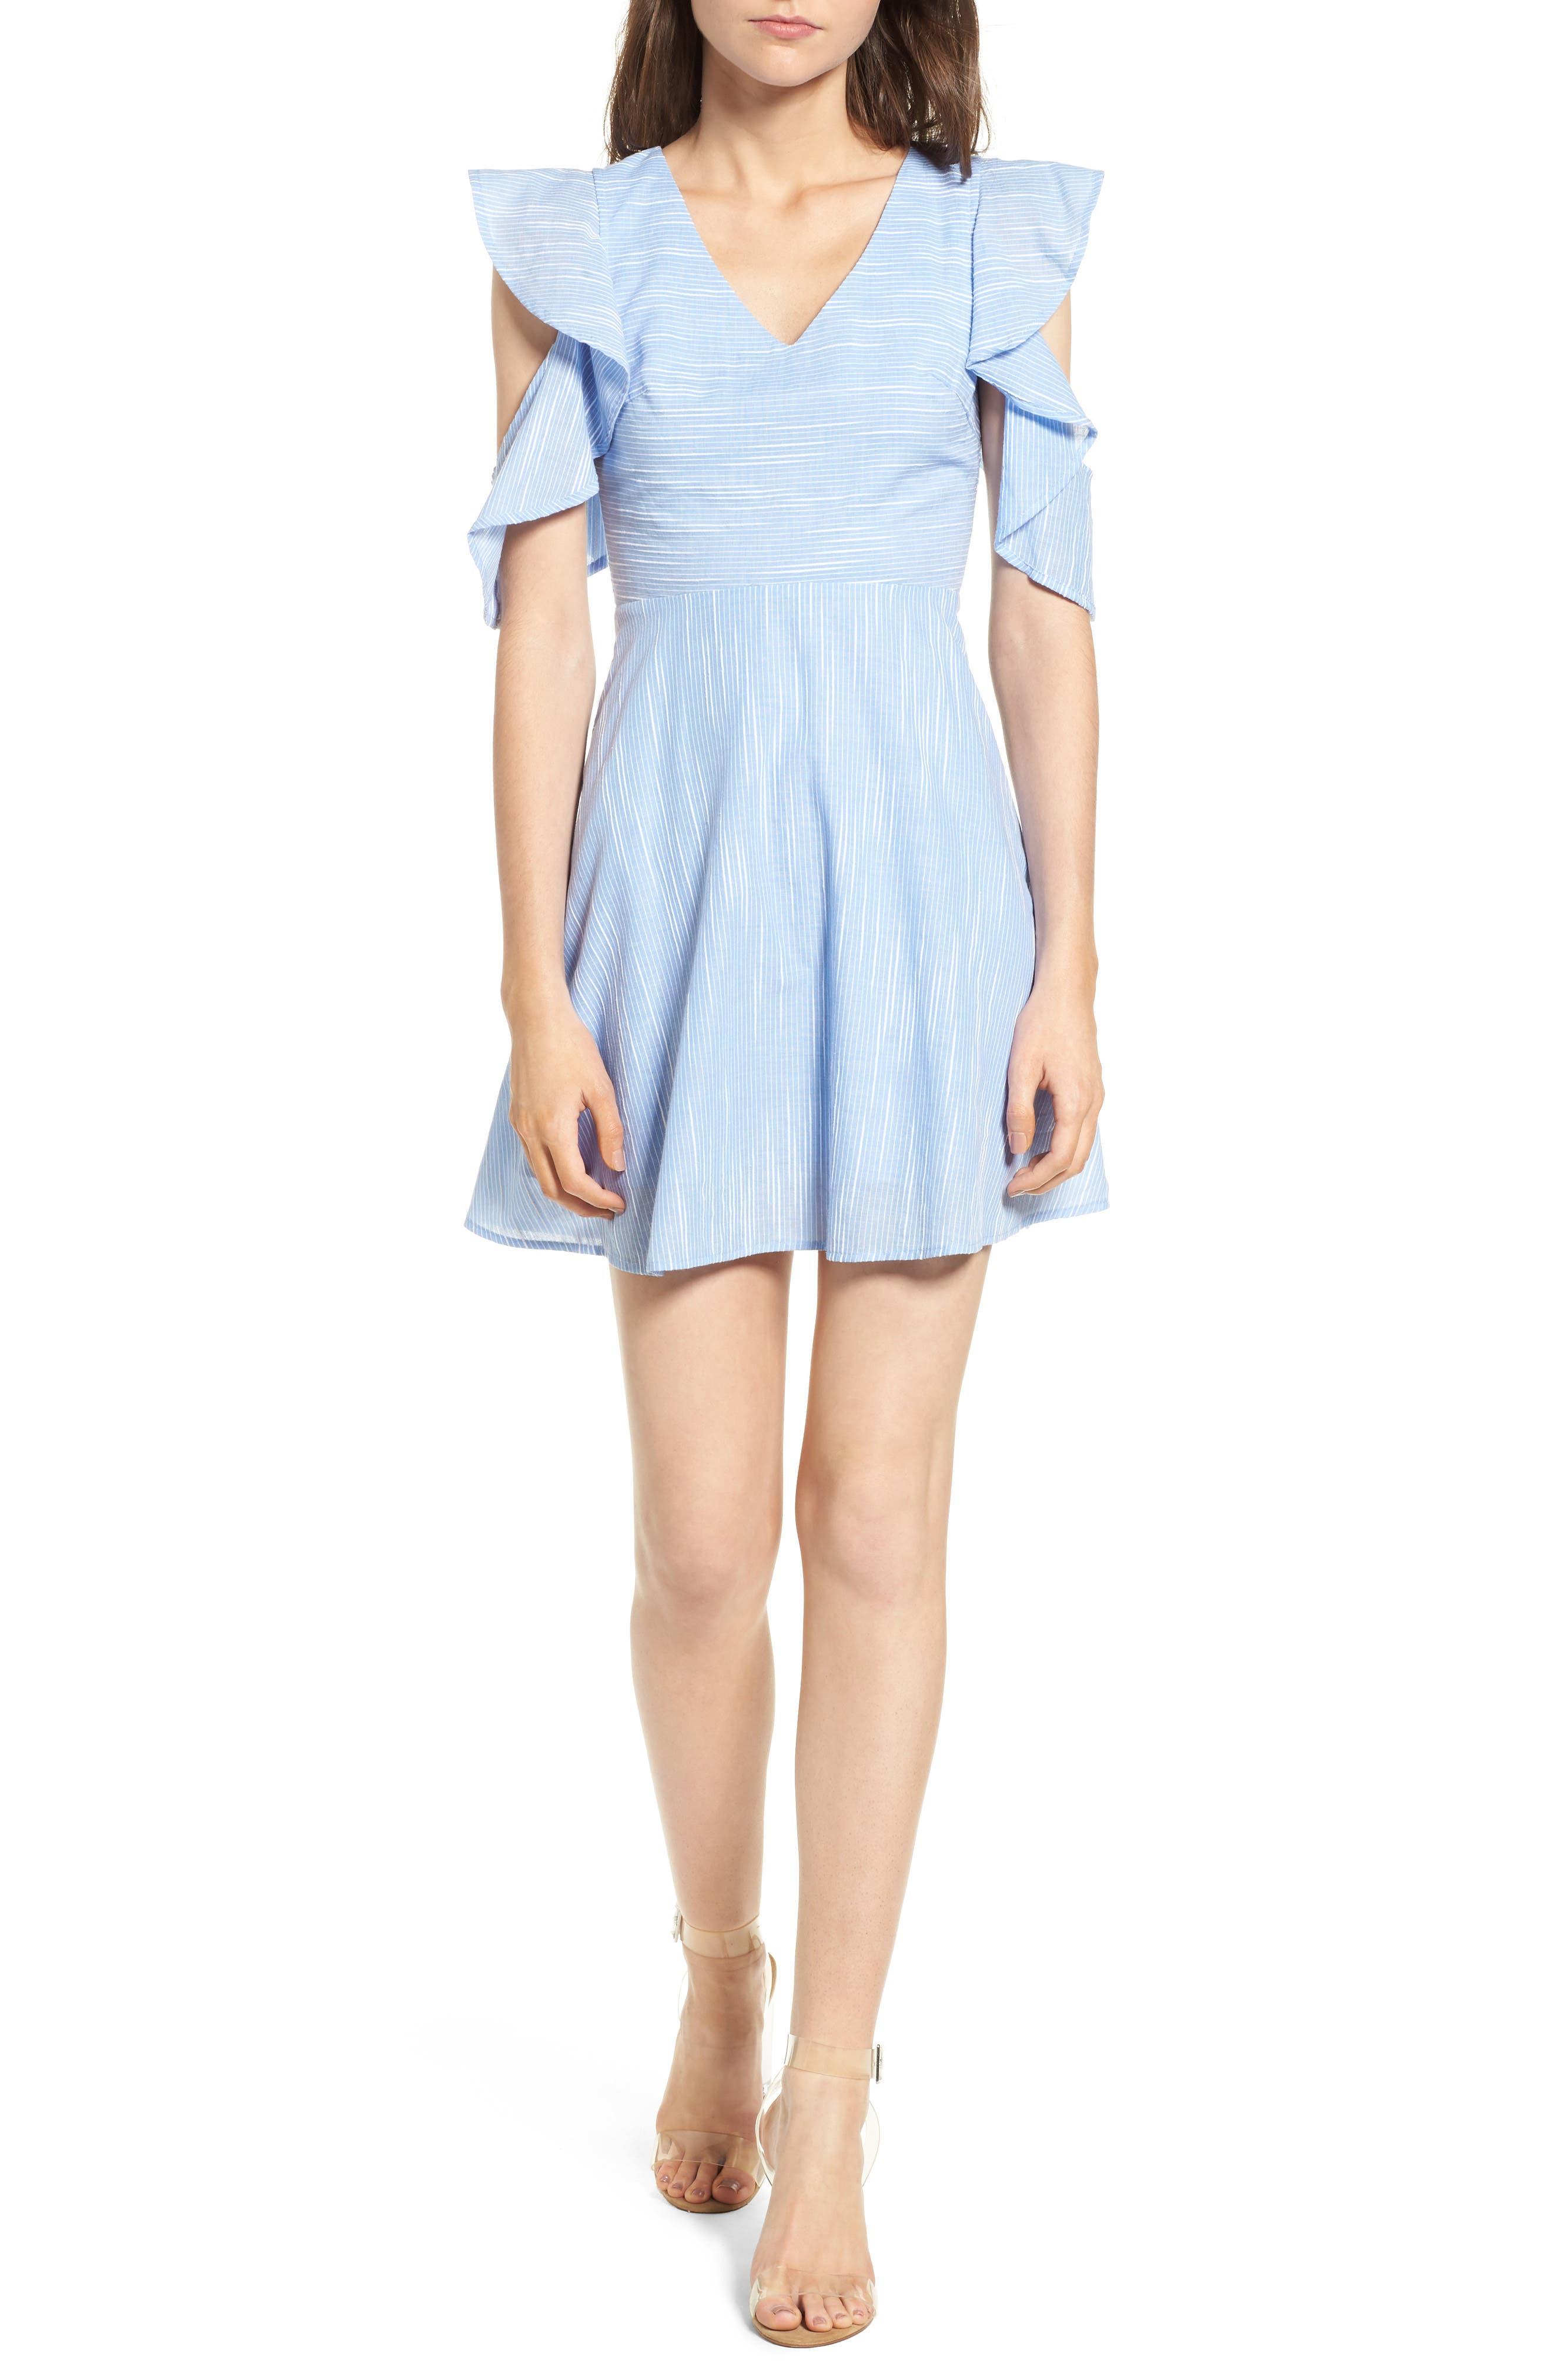 Alternate Image 1 Selected - J.O.A. Cotton Cold Shoulder Skater Dress